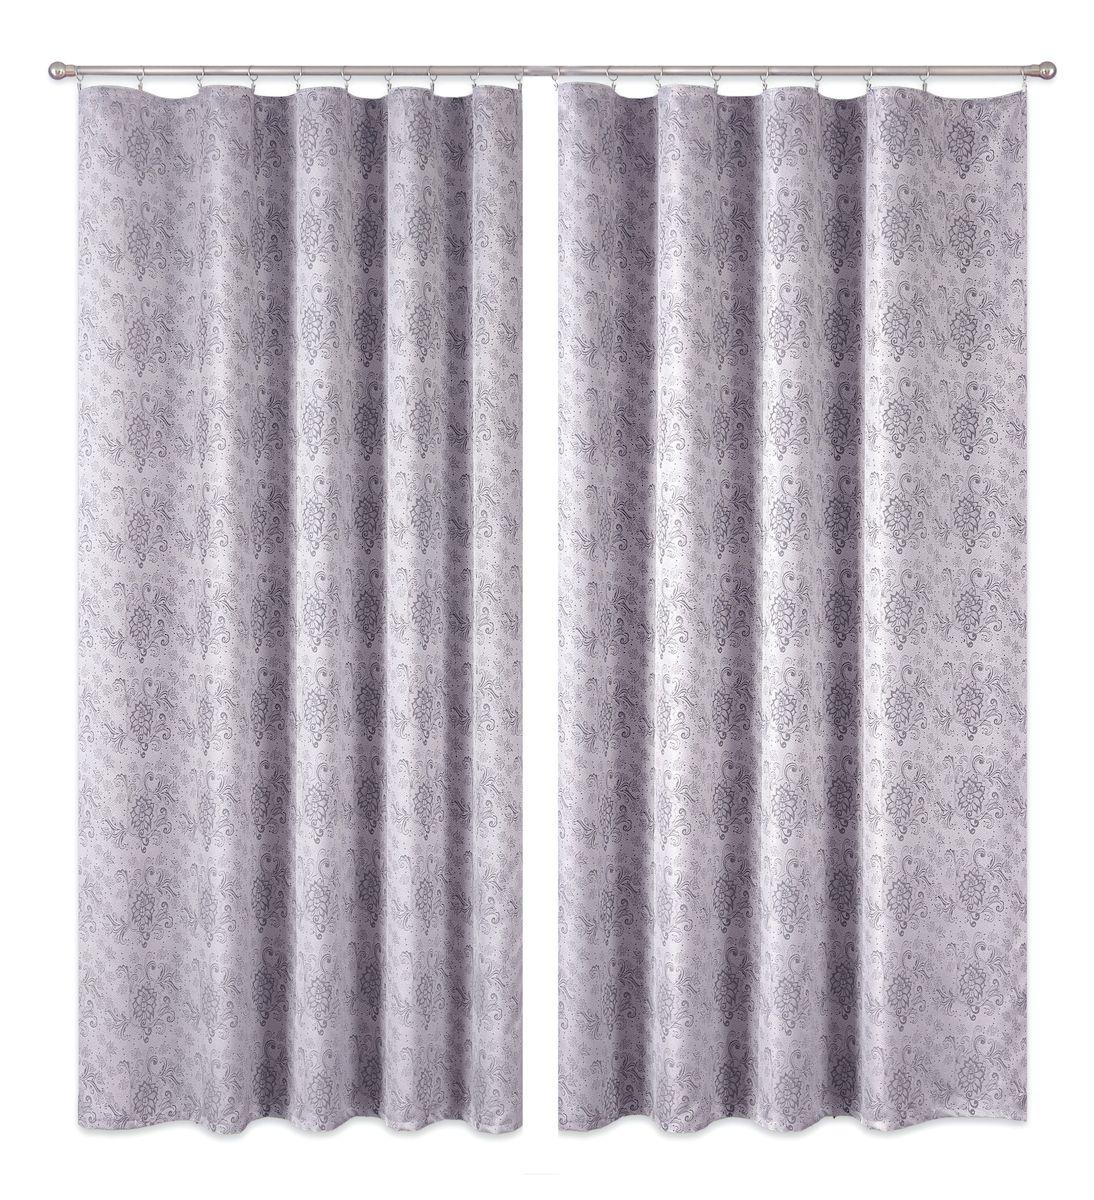 Комплект штор P Primavera Firany, цвет: серый, высота 270 см. 11100223111811376Комплект шториз полиэстровой жаккардовой ткани с пришитой шторнойлентой. Размер - ширина 180 см высота 270см. Набор 2 штуки. Цвет серый.Размер: ширина 180 х высота 270